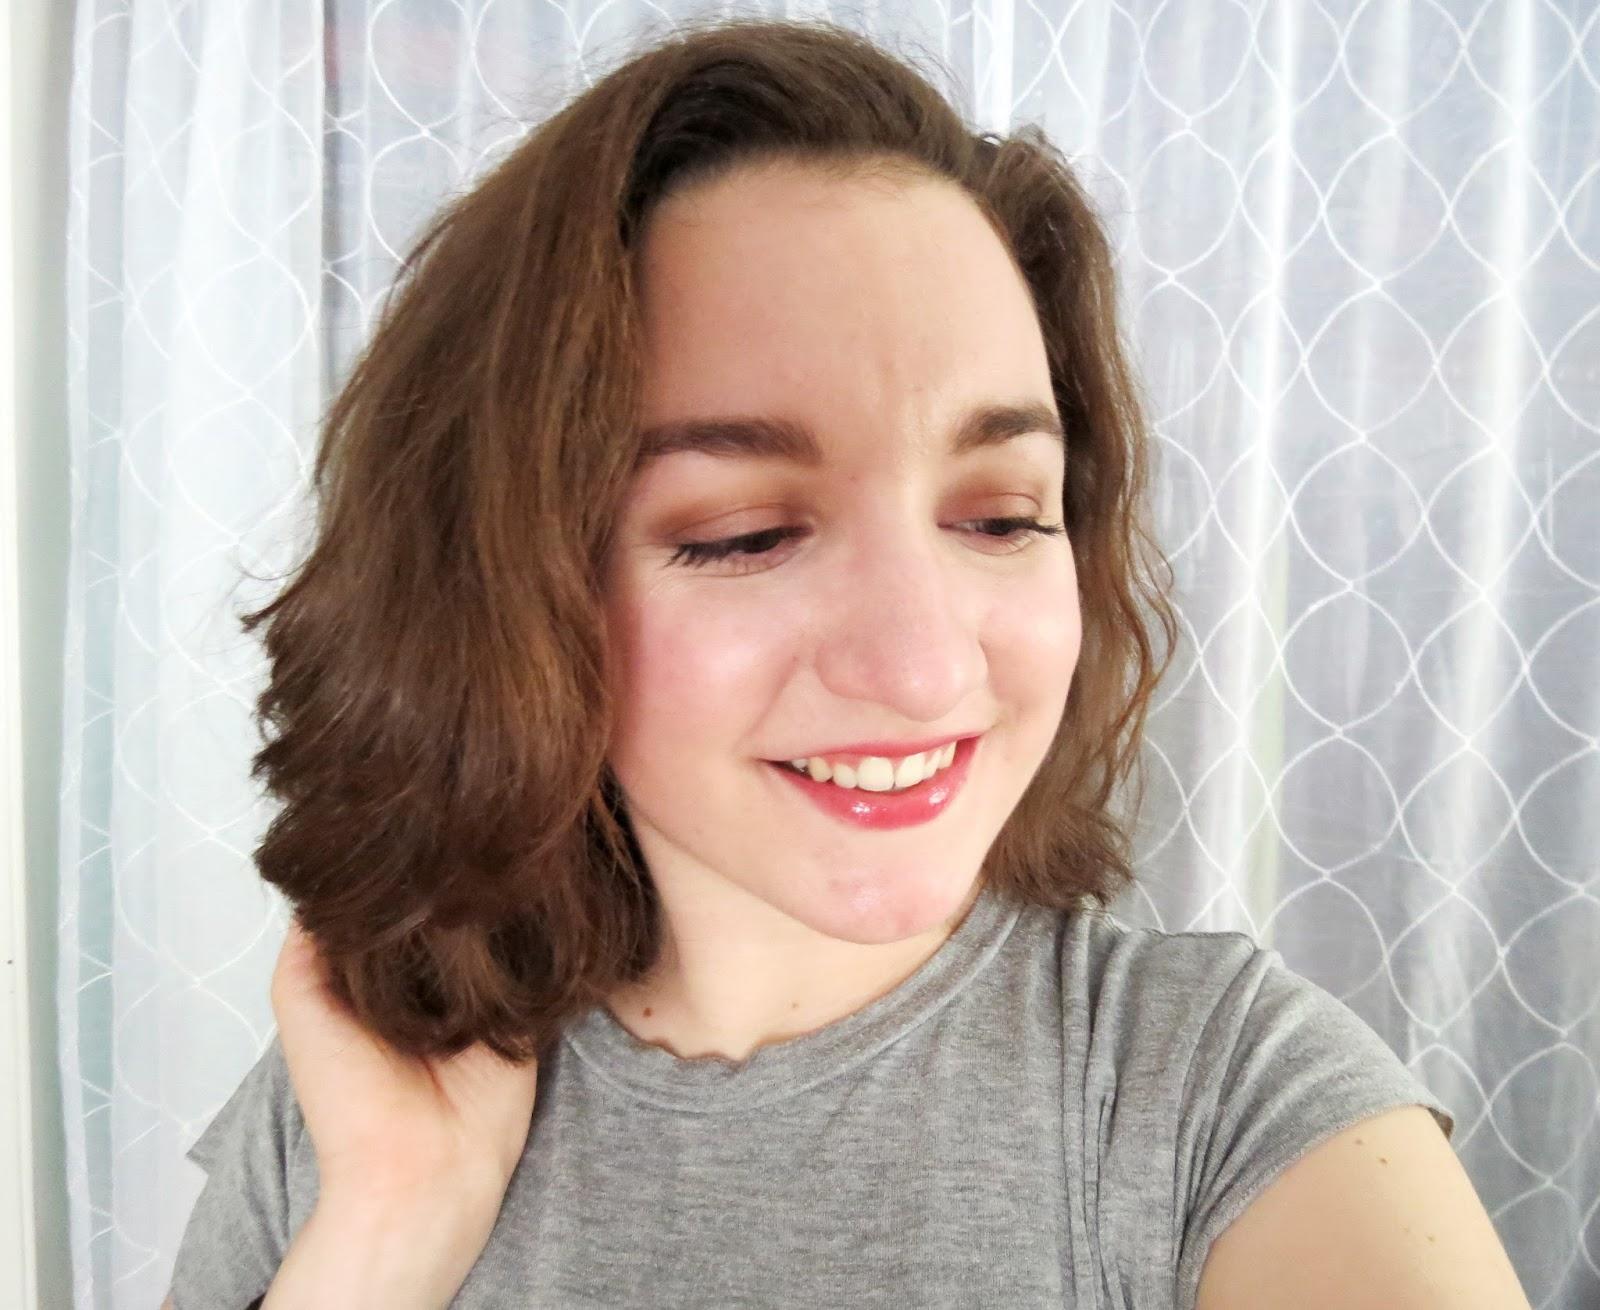 kelseybeauty%2Bhaircut%2B2.jpg